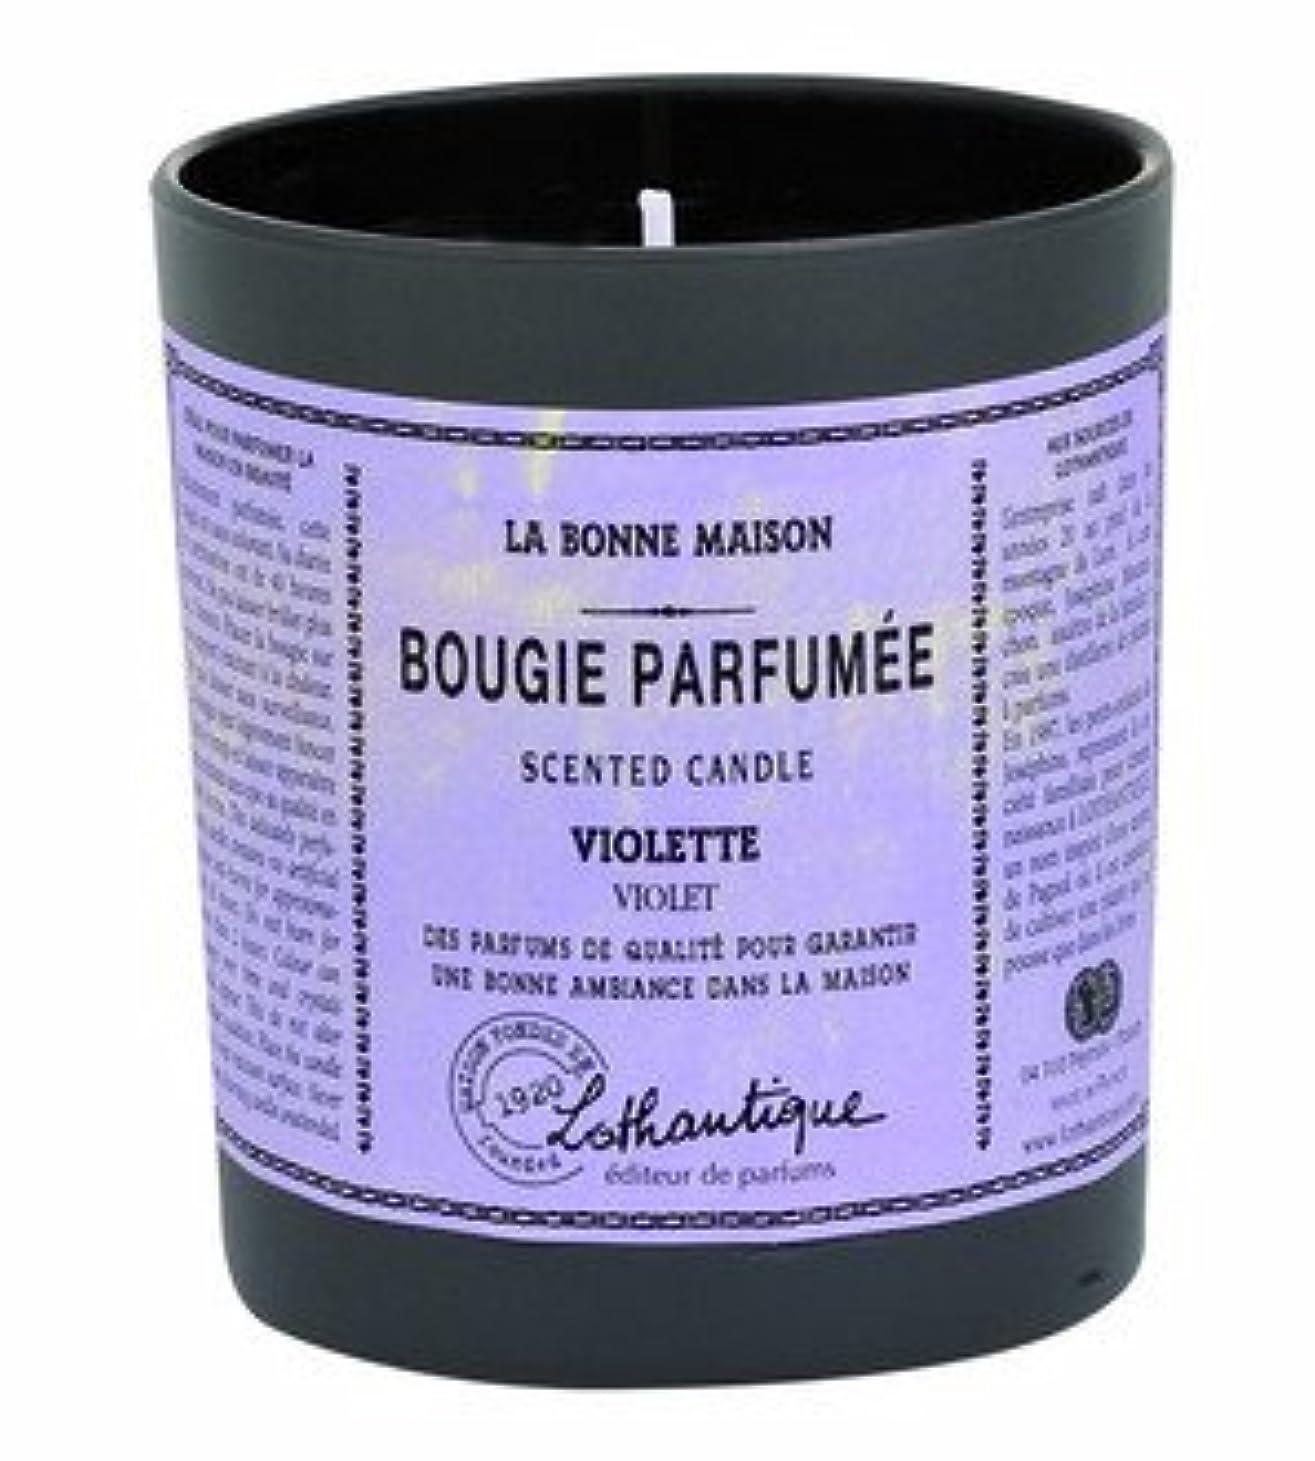 アーティファクト夢サスティーンLothantique(ロタンティック) LES Bonne Maison(ボンメゾンシリーズ) グラスキャンドル 160g 「ミモザ」 3420070039422